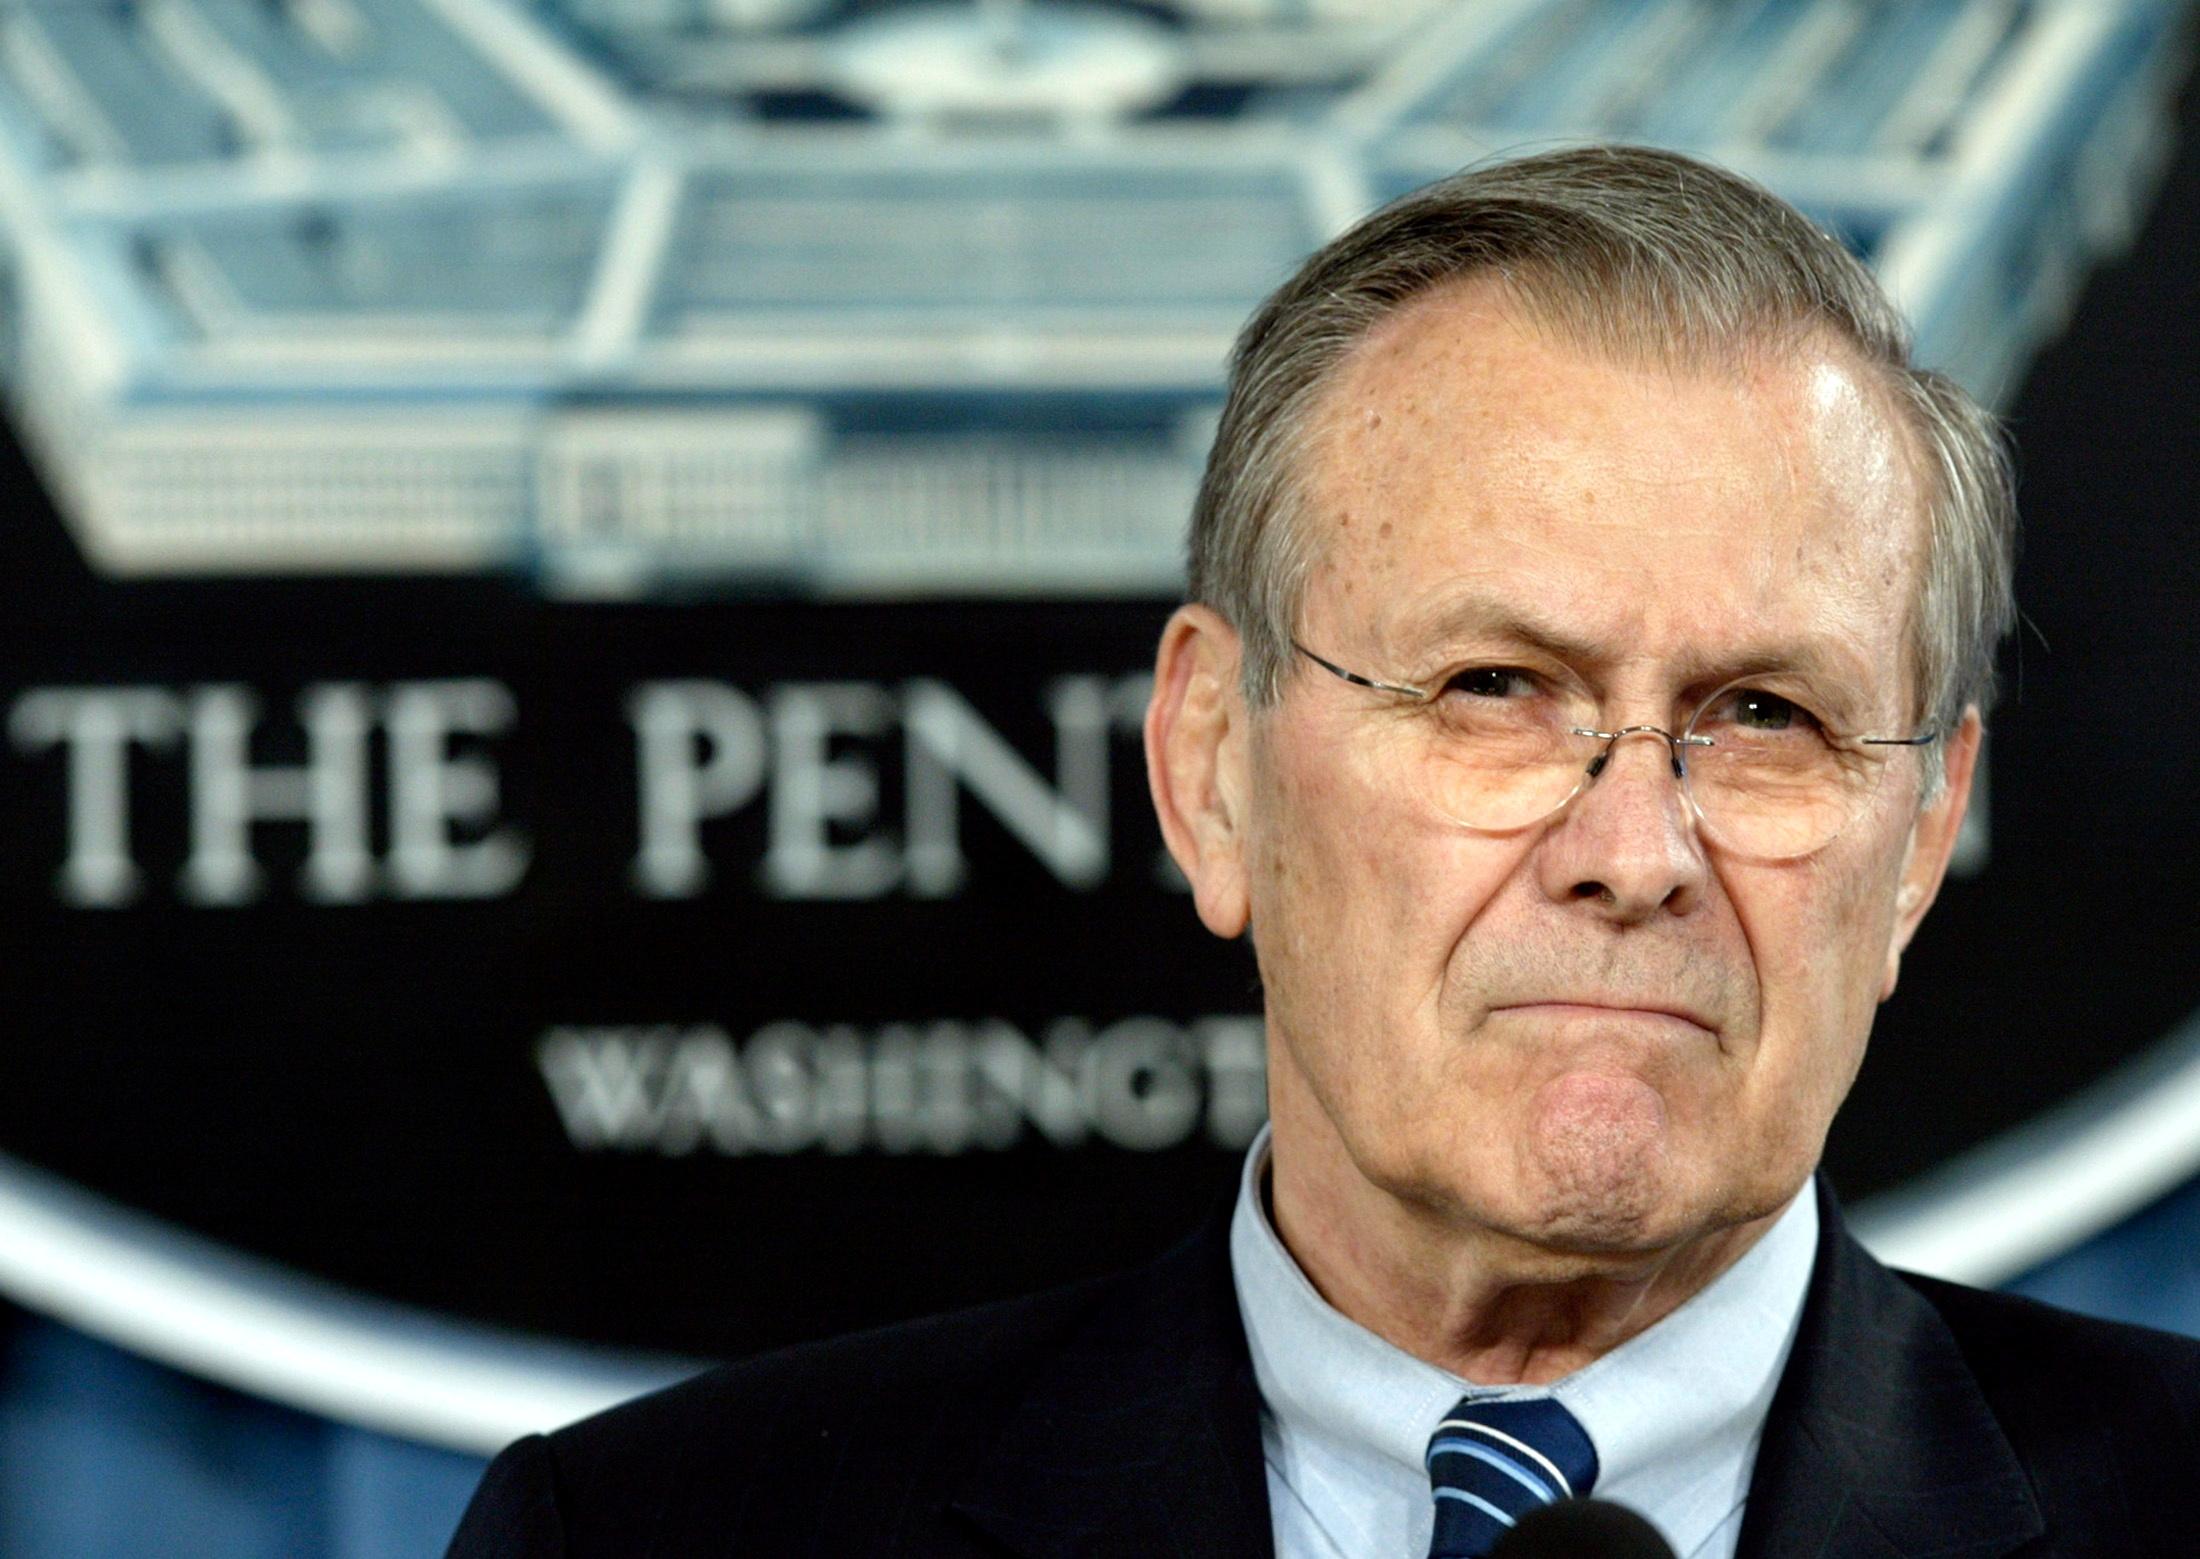 ΗΠΑ: Πέθανε ο πρώην υπουργός Άμυνας Ντόναλντ Ράμσφελντ αρχιτέκτονας του πολέμου στο Ιράκ